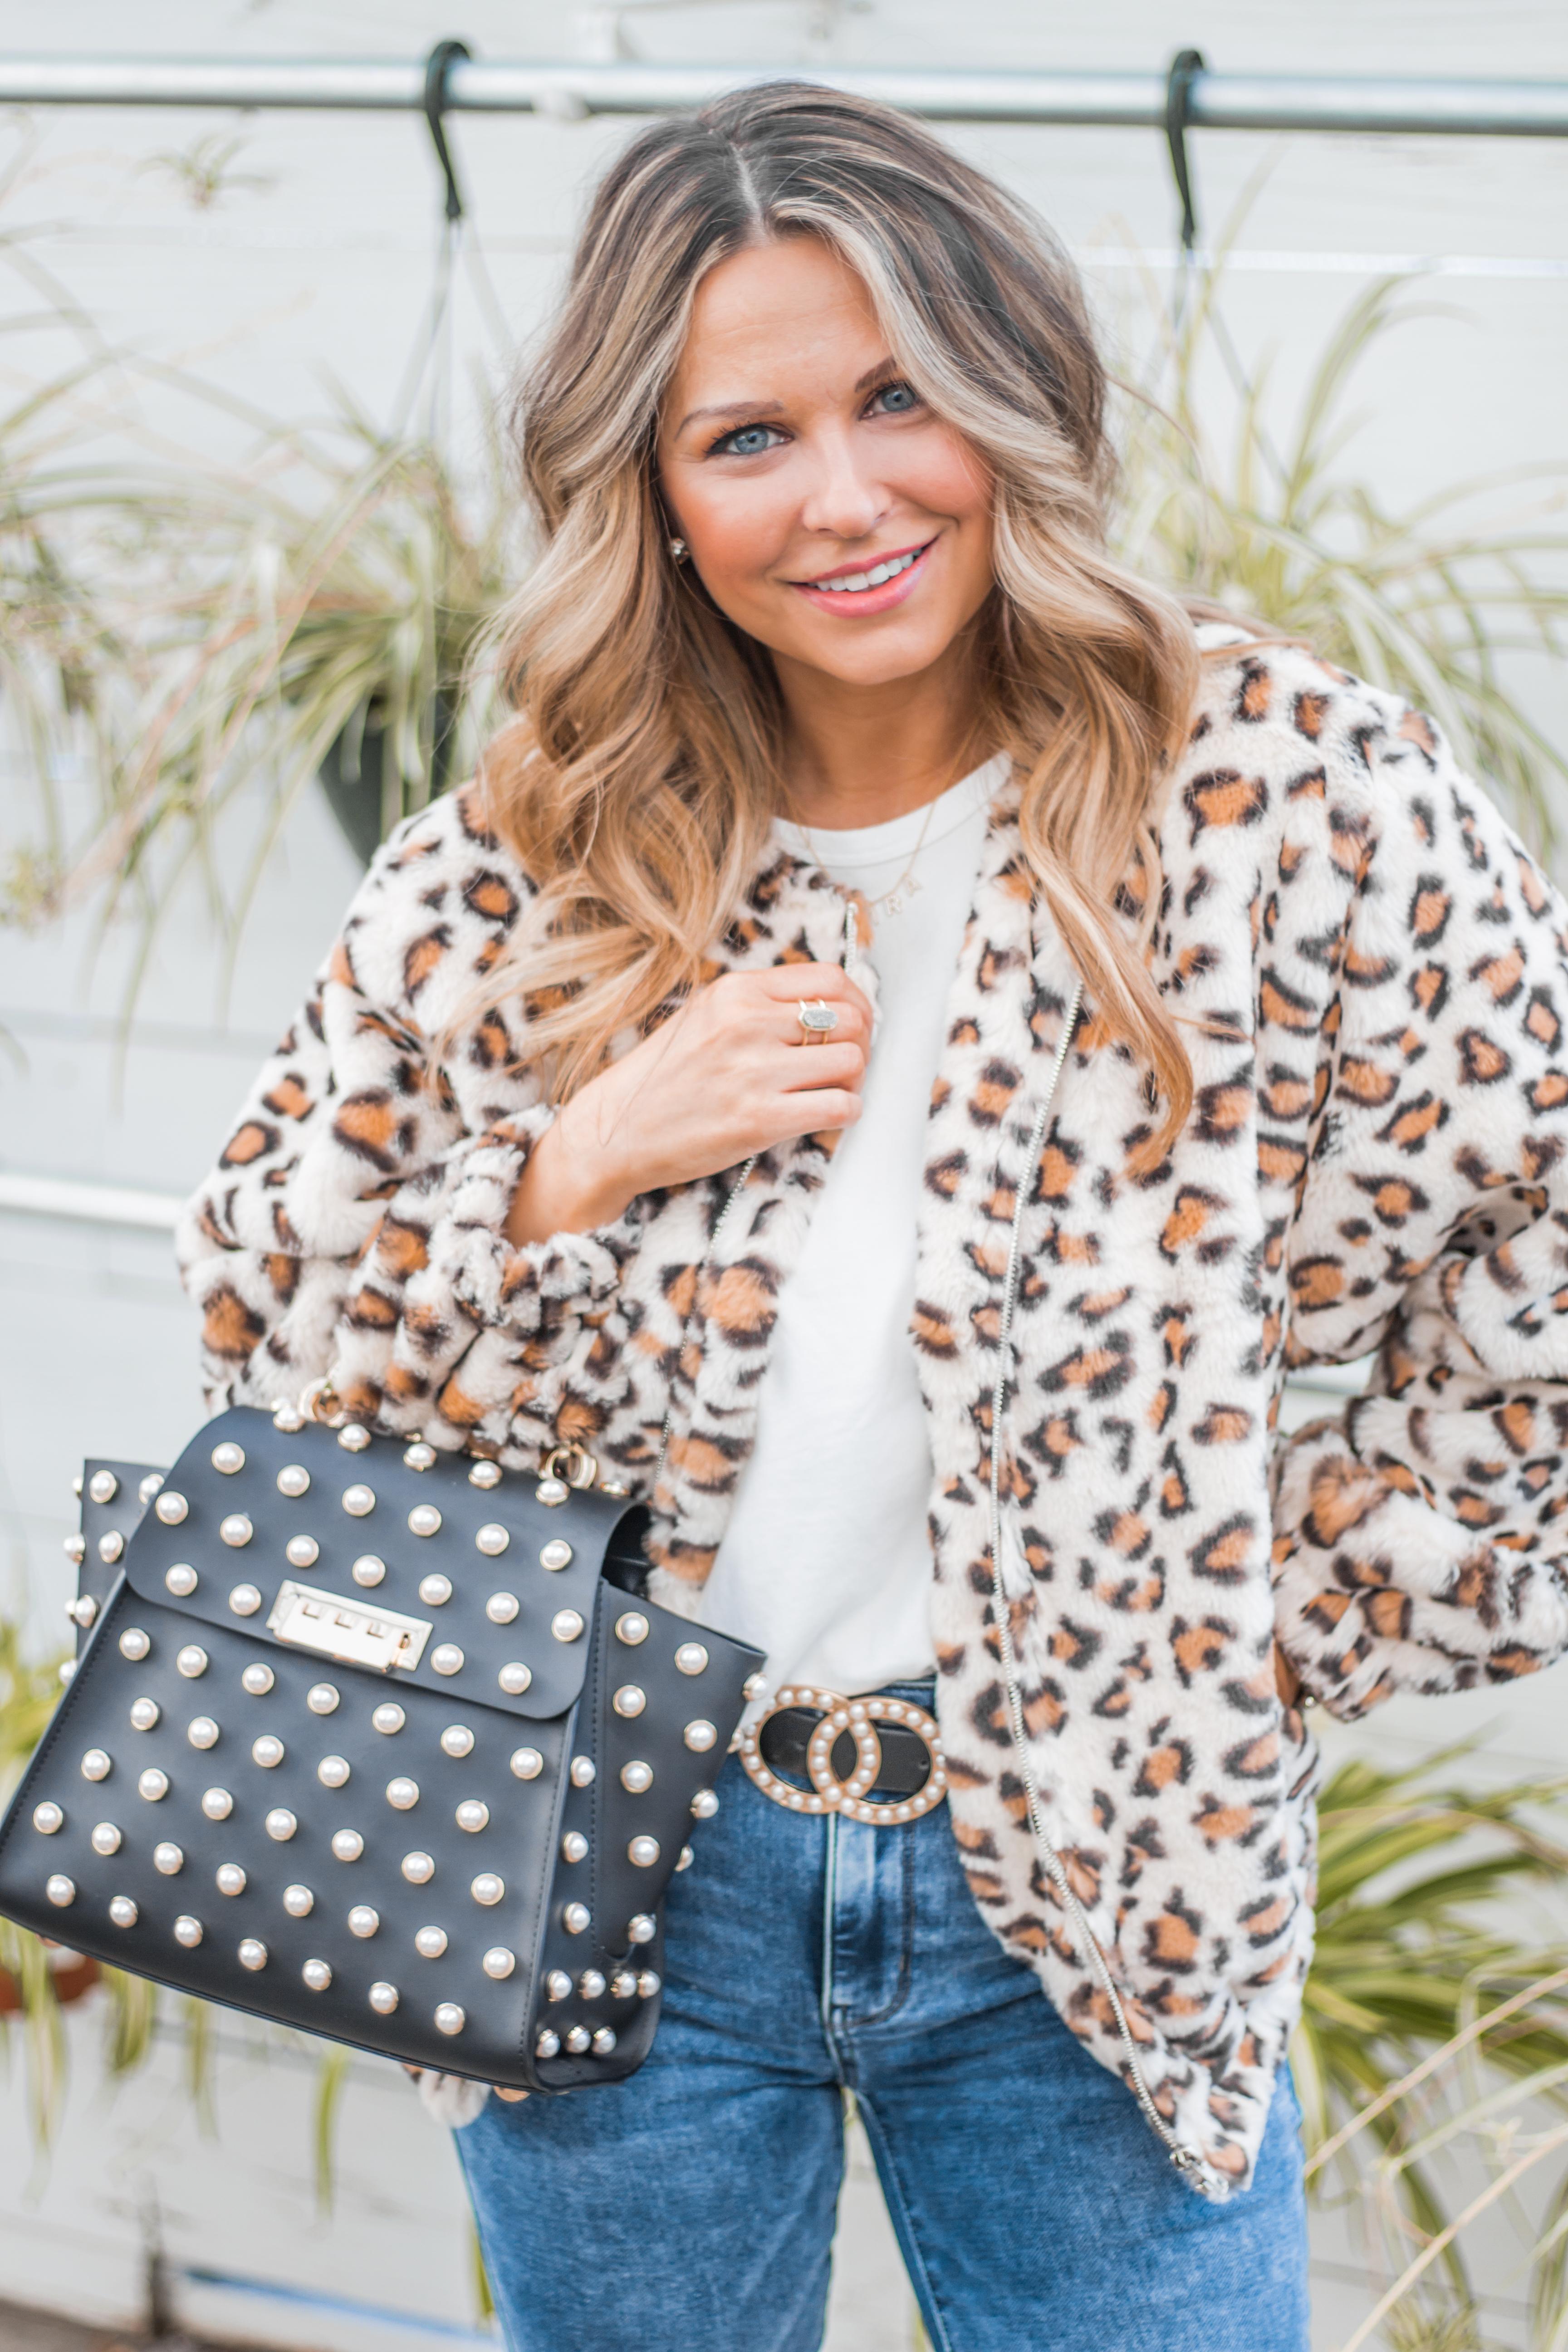 Women's Fashion - White Boots - Leopard Jacket - Spring Fashion - Winter Fashion - Zac Posen Eartha - Outfit Inspo - OOTD - 11